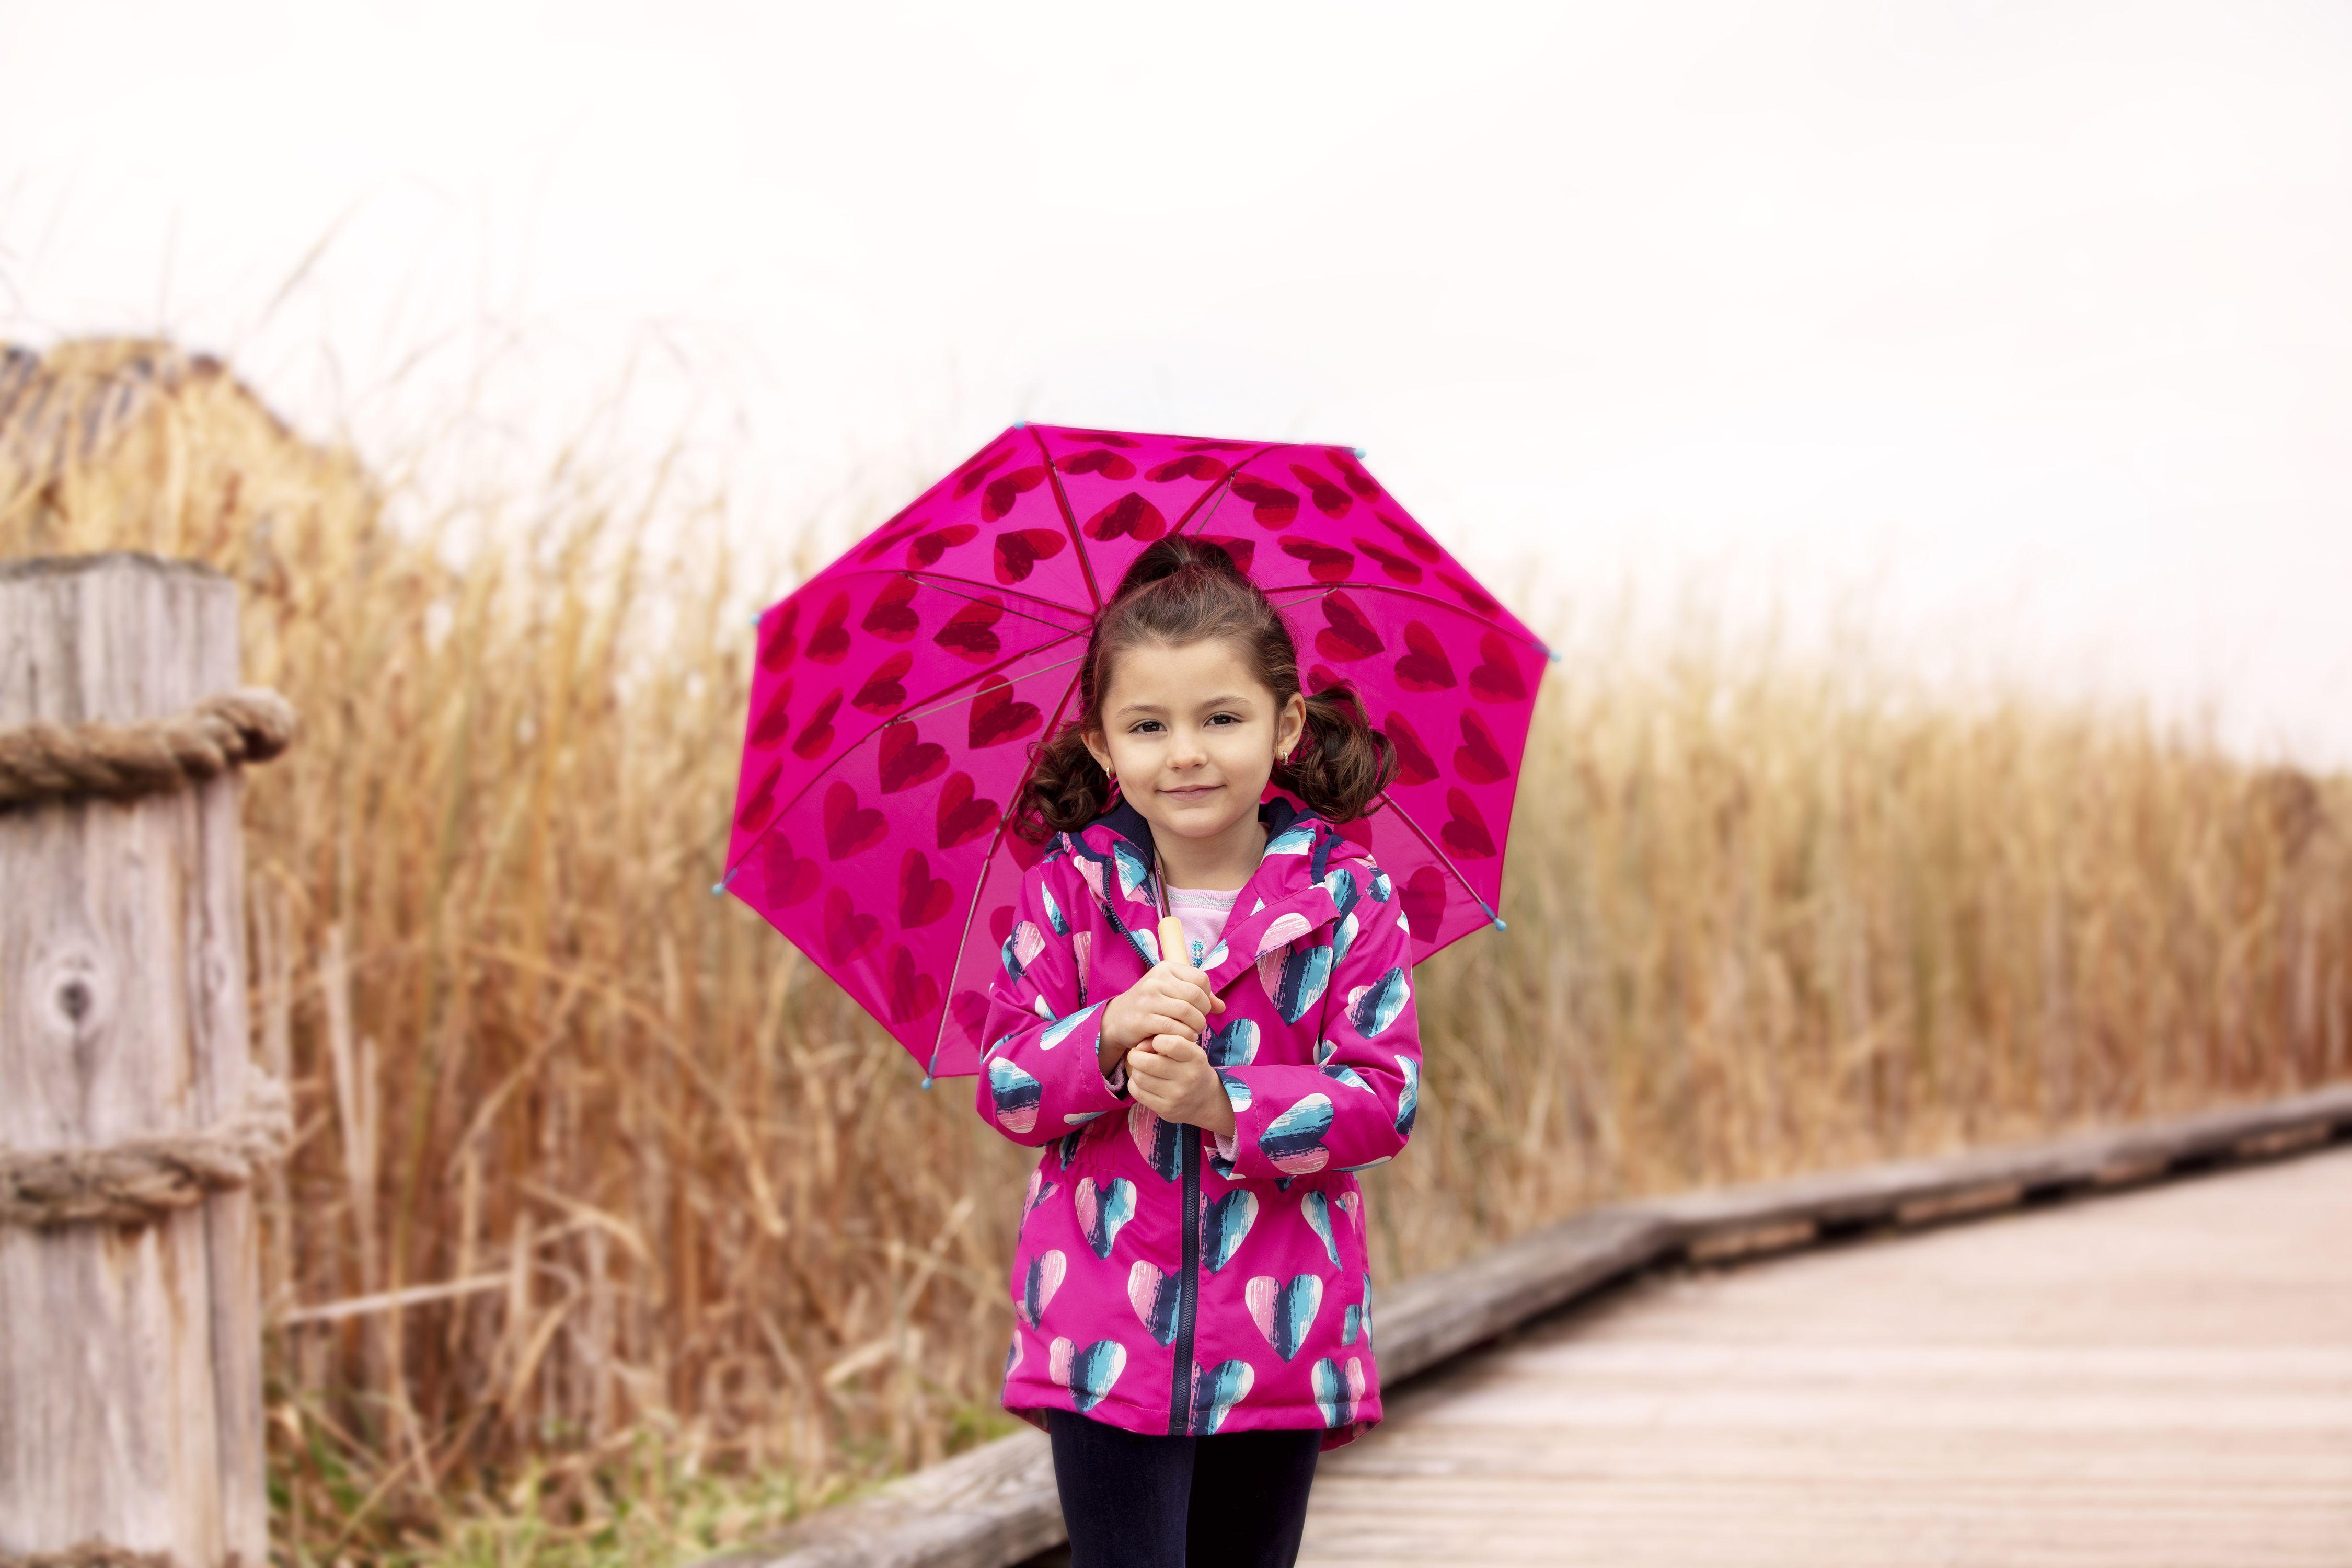 5dcaf25cc5af Hearts Microfiber Rain Jacket by Hatley + Hearts Umbrella by Hatley ...